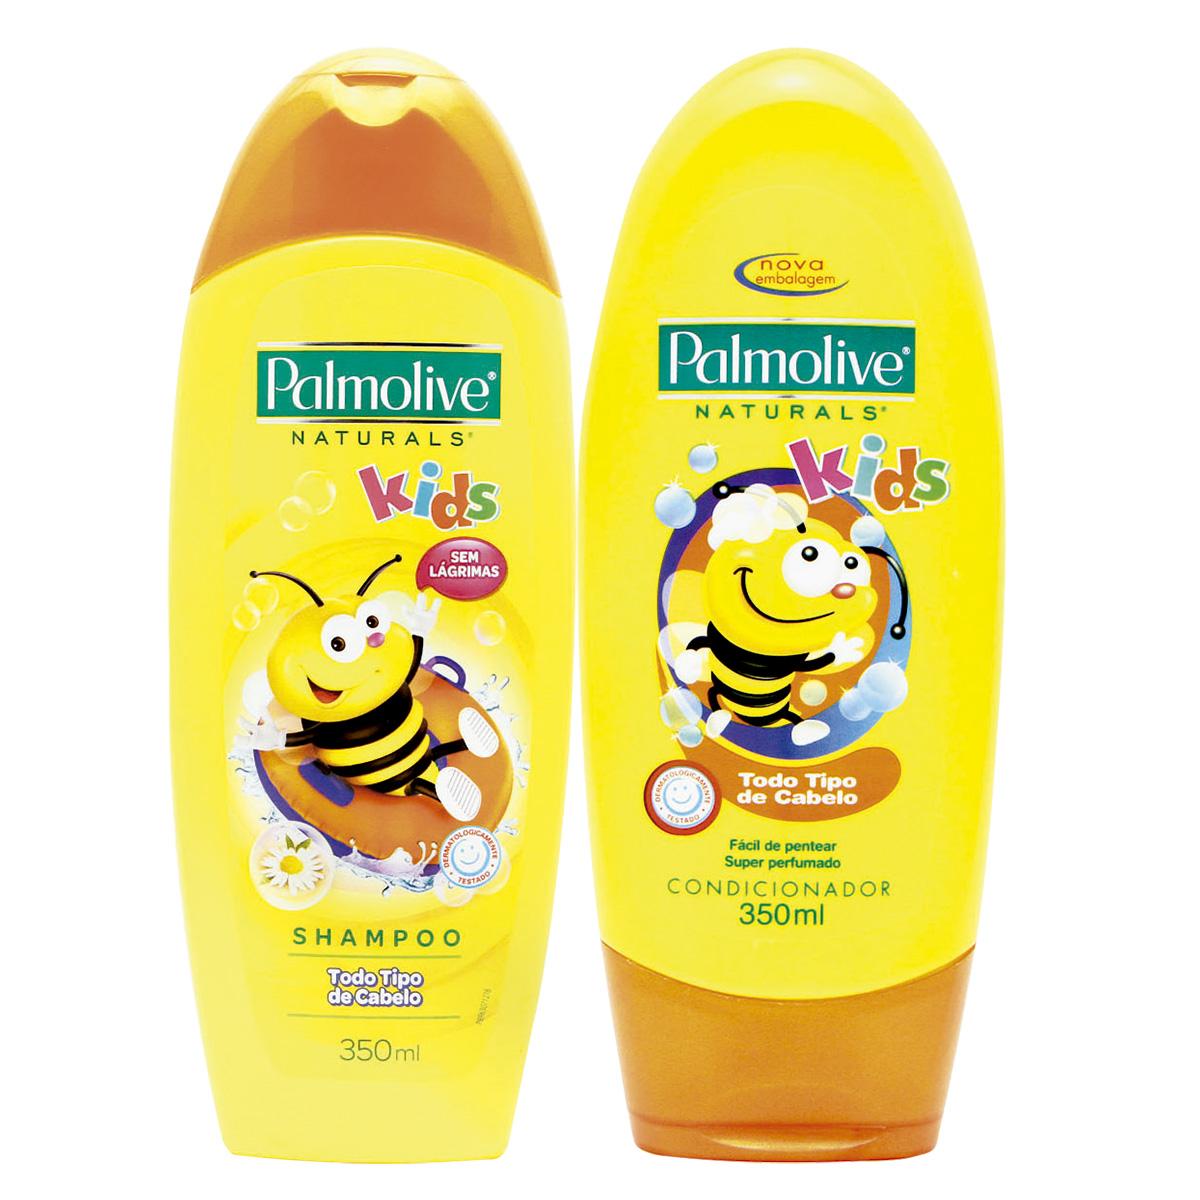 8f3bfabae Kit de Shampoo + Condicionador PALMOLIVE Naturals Kids 350ml Cada